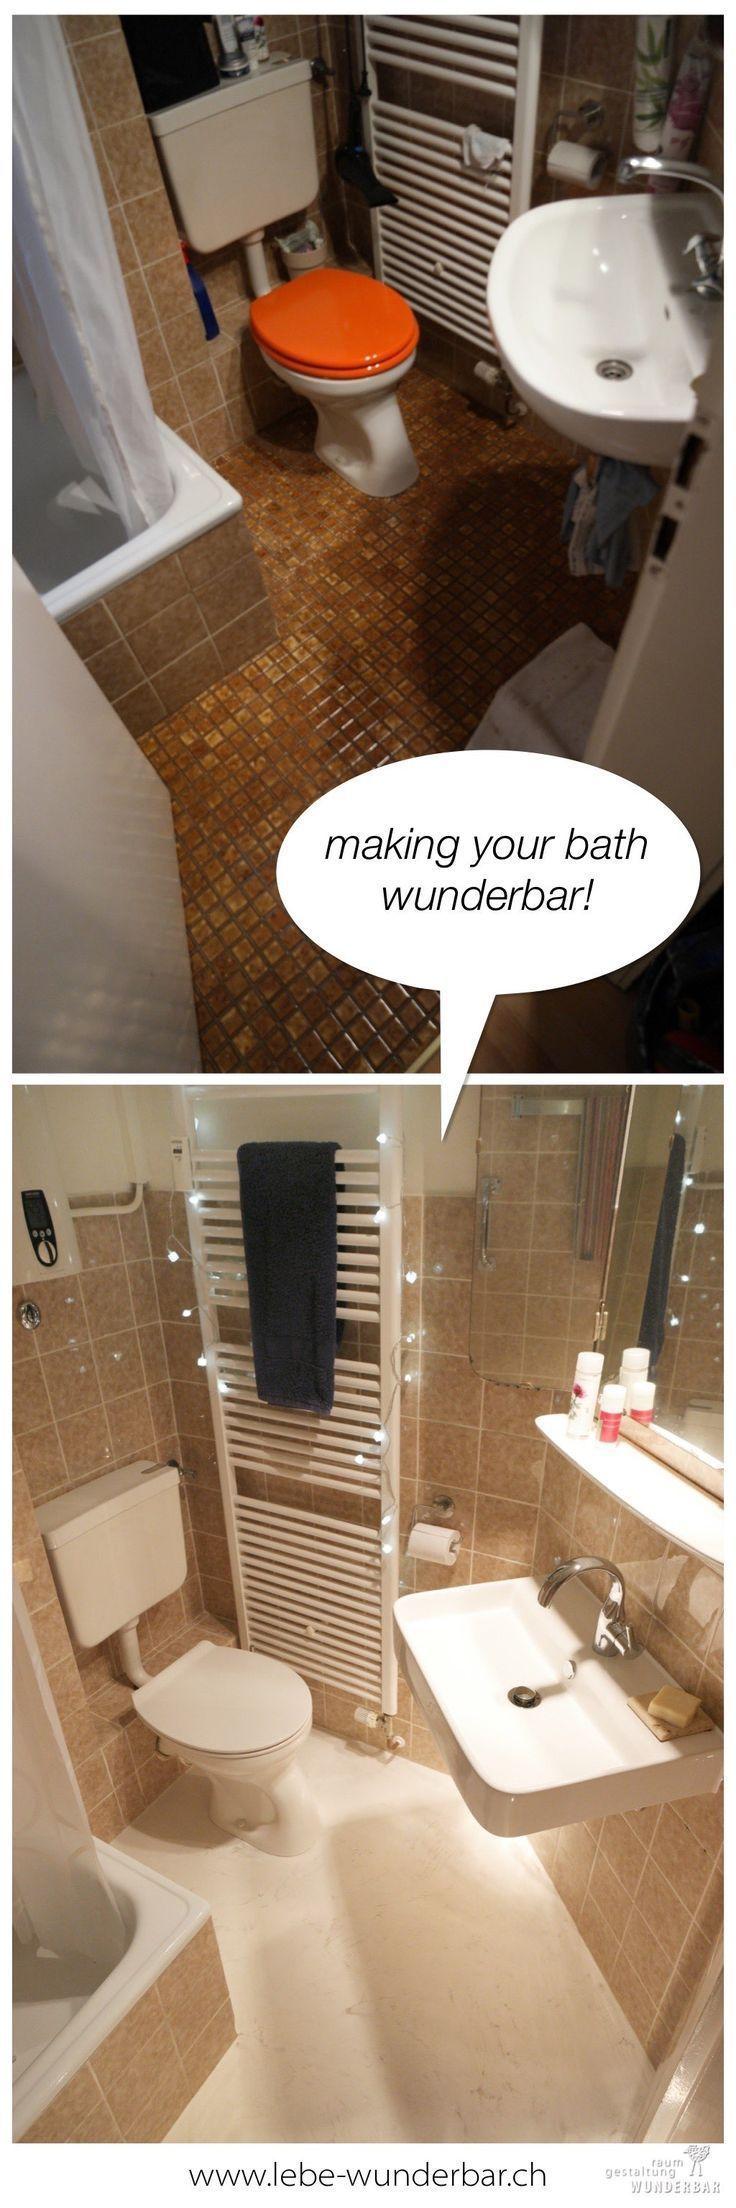 Legende Small Bath Renovation Kleine Badezimmer Sanierung Bad Boden Fugenlos Ausaltmach Kleine Badezimmer Badezimmerboden Bad Renovieren